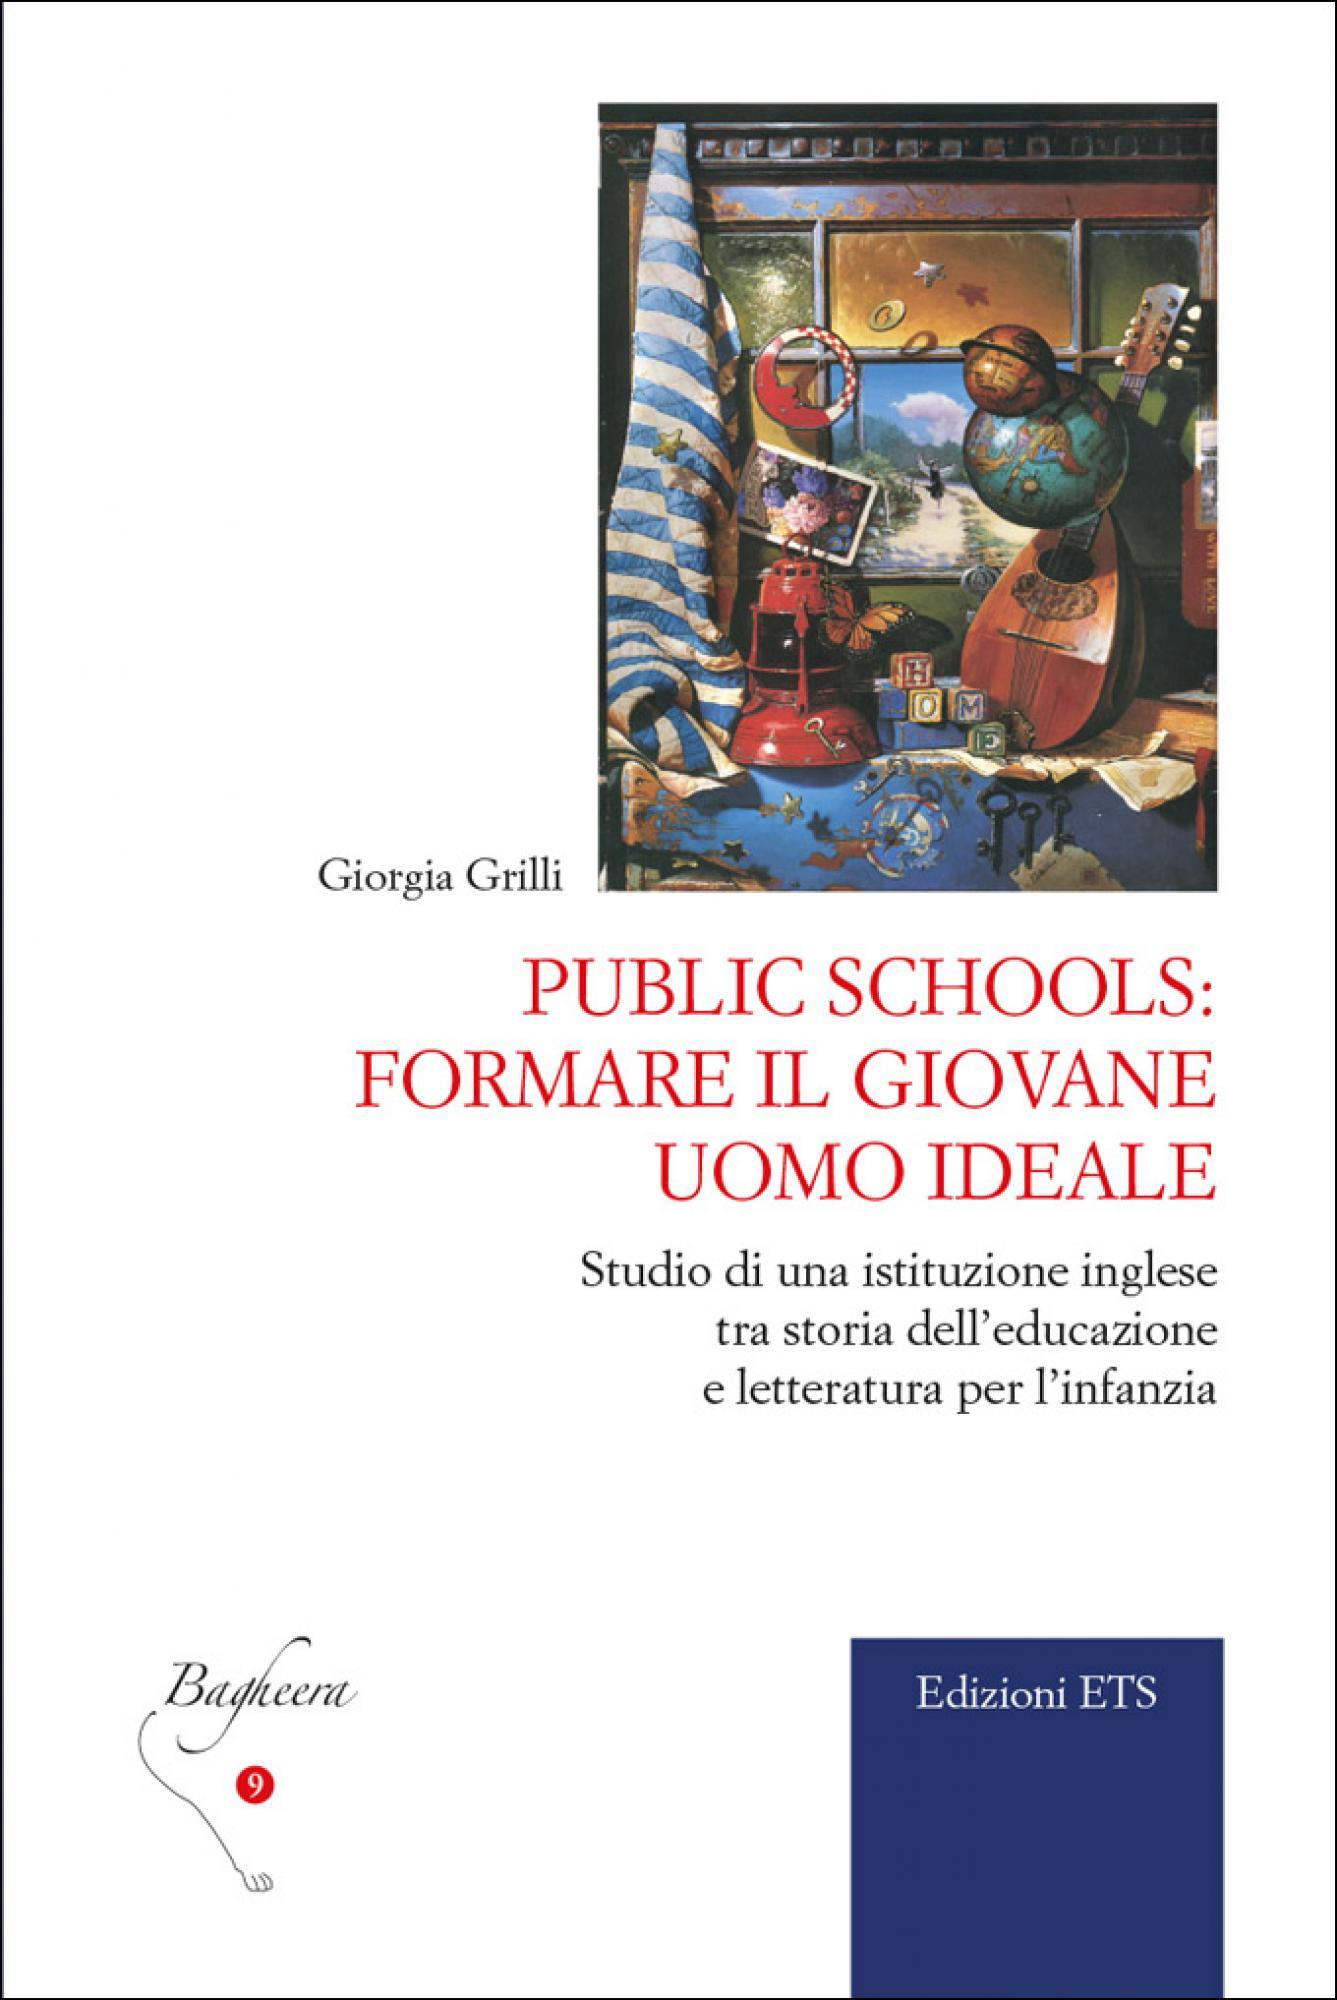 Public Schools:formare il giovane uomo ideale.Studio di una istituzione inglese tra storia dell'educazione e letteratura per l'infanzia